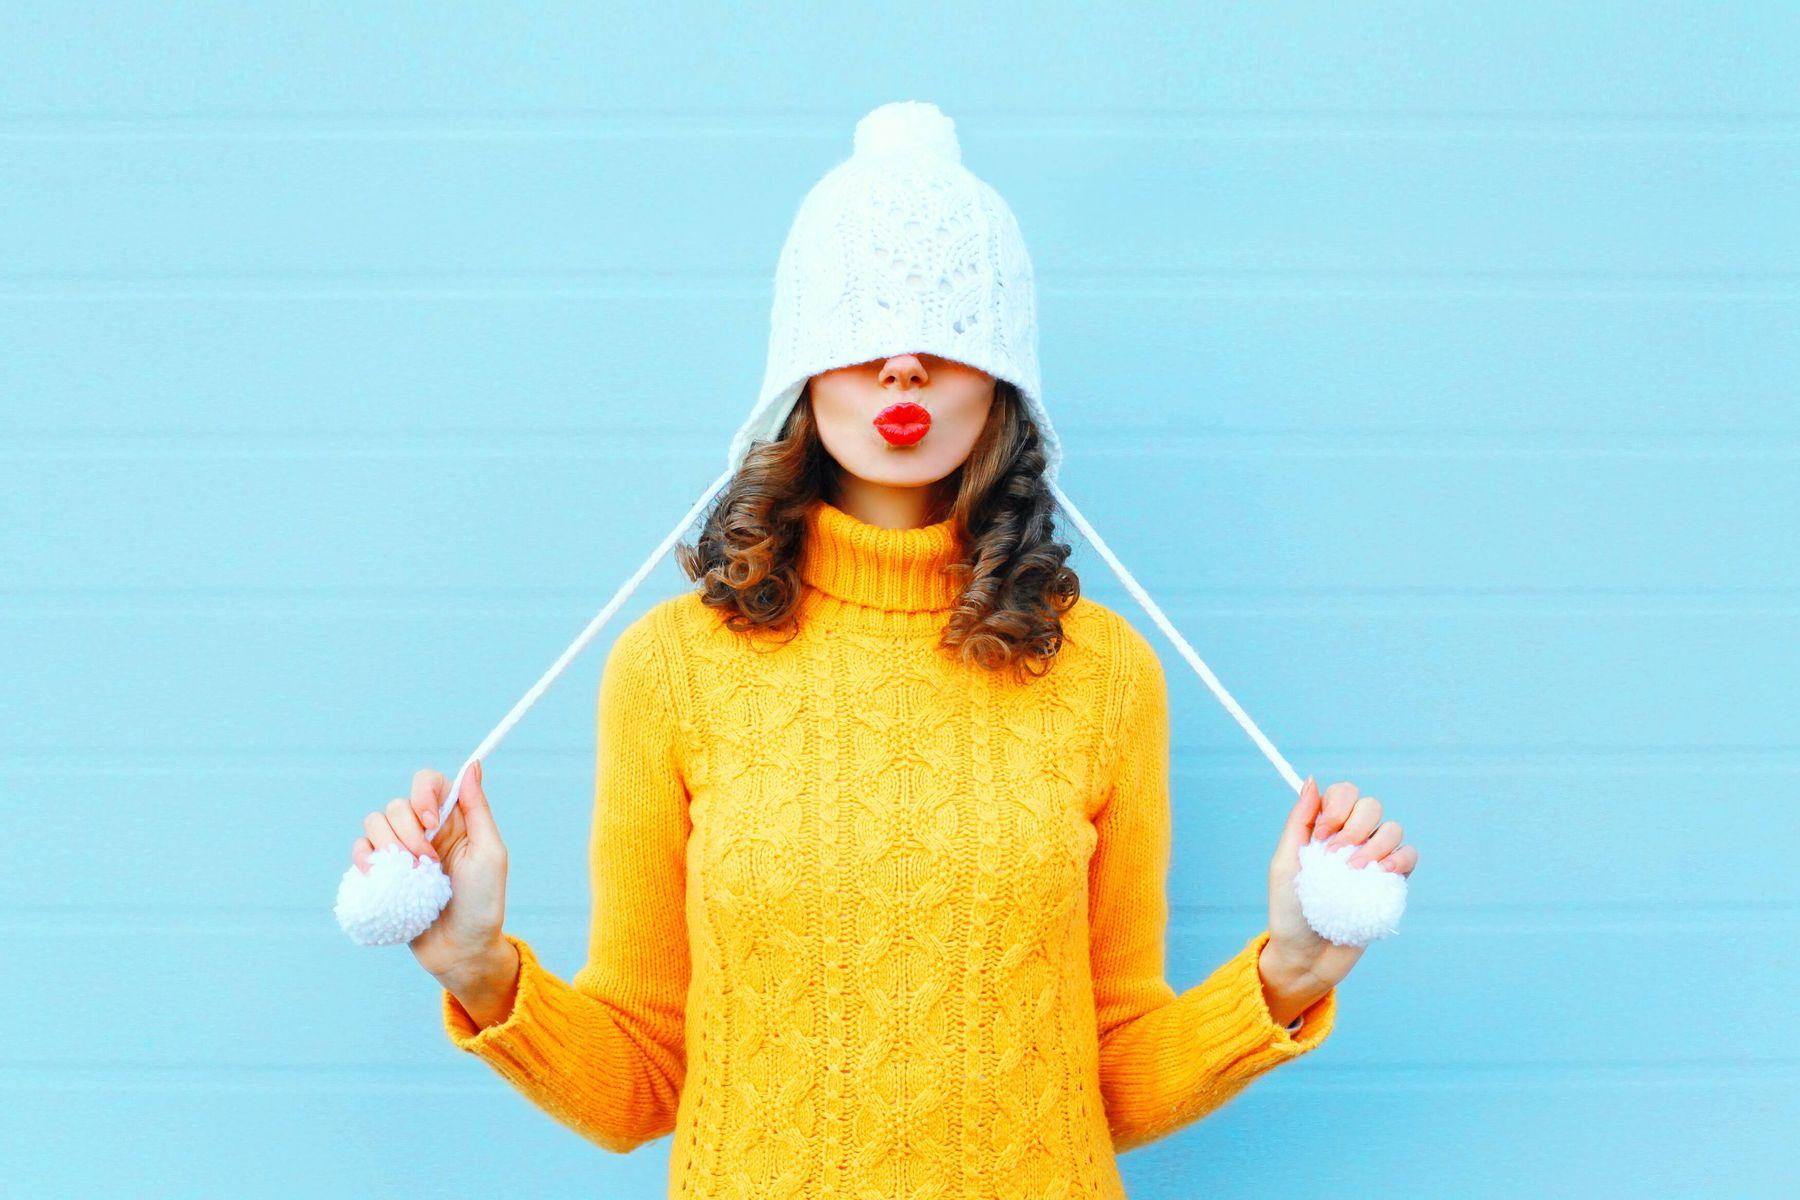 Hãy bảo vệ bé vào mùa lạnh bằng cách chăm sóc áo len thật cẩn thận